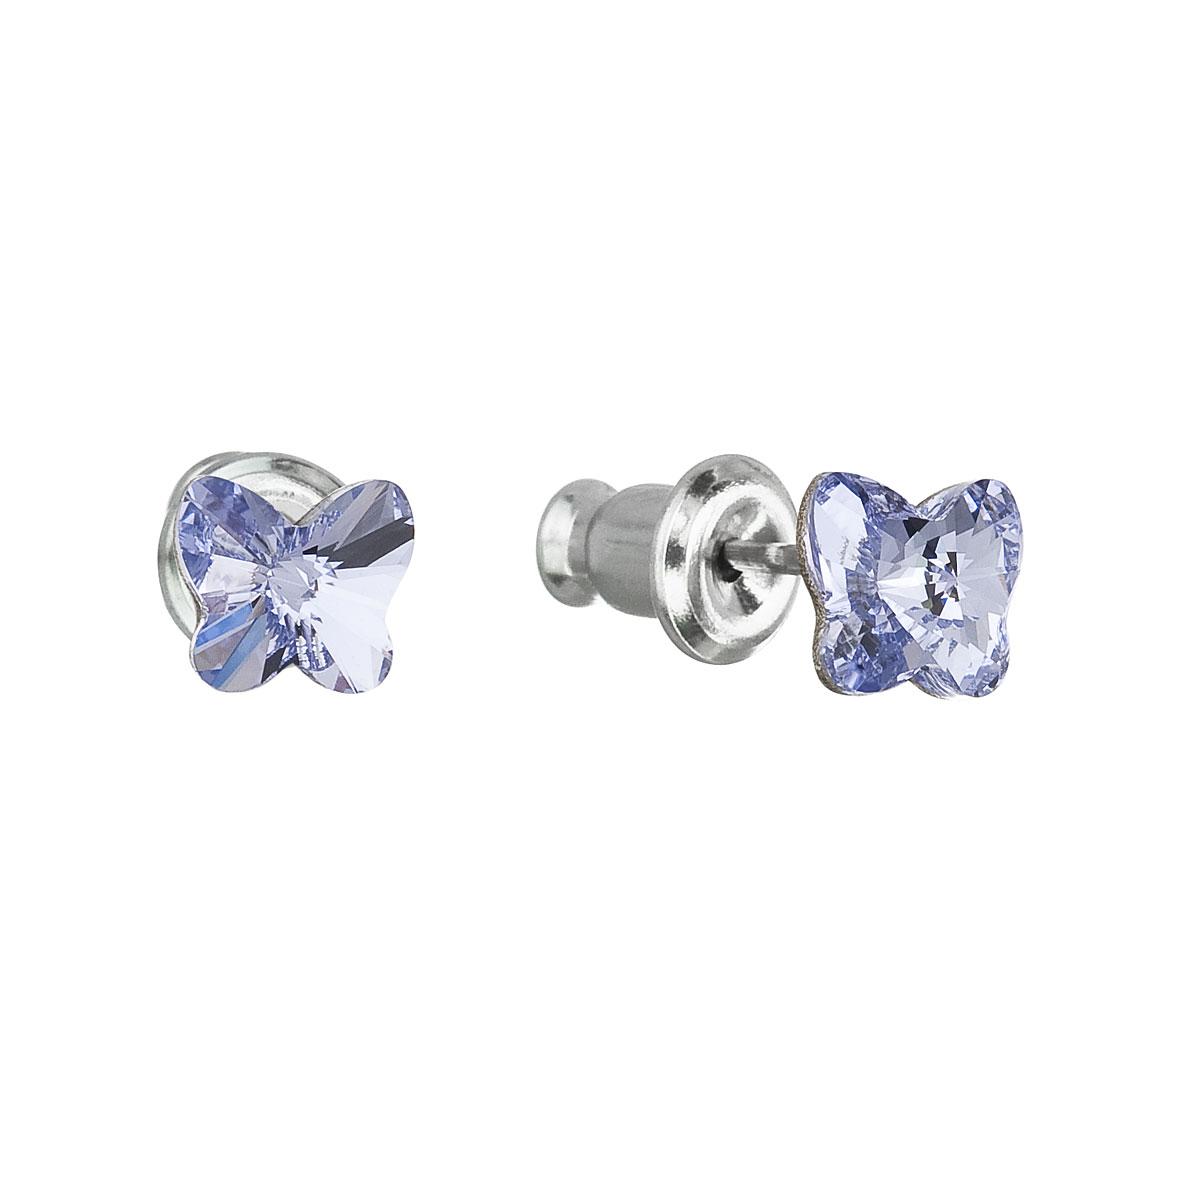 Náušnice bižutéria so Swarovski krištáľmi modrý motýľ 51049.3 lavender